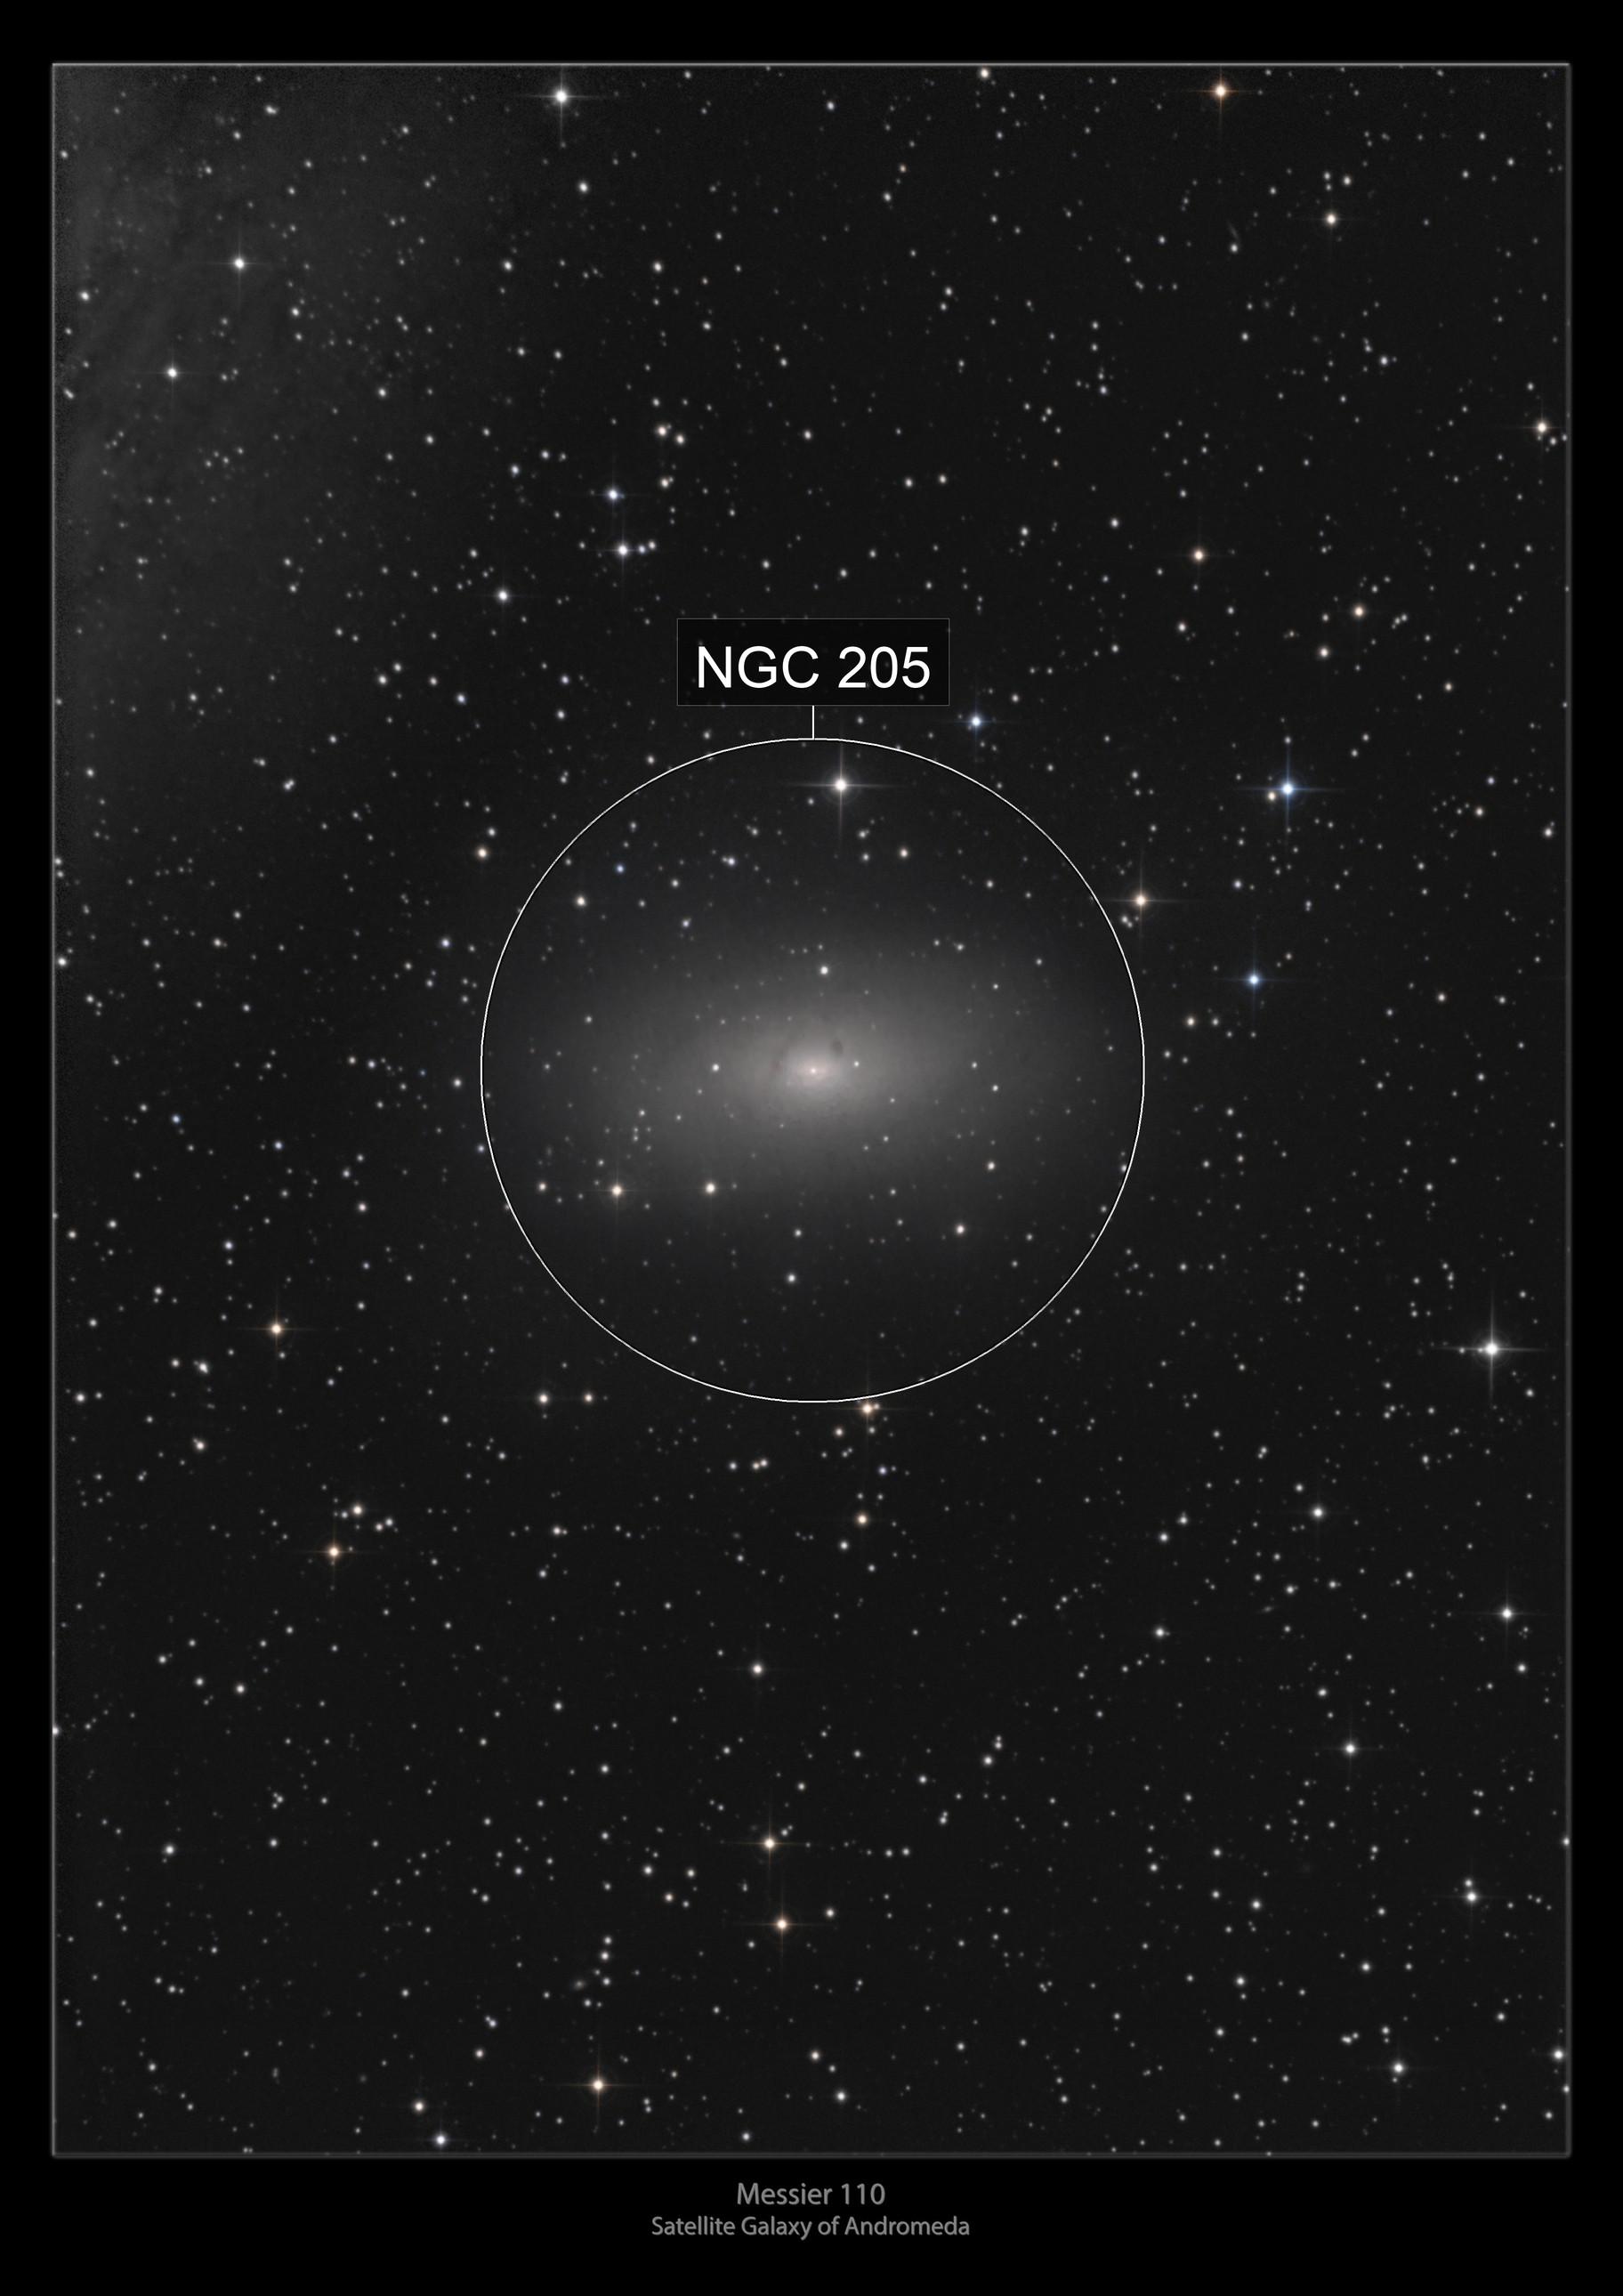 Messier 110